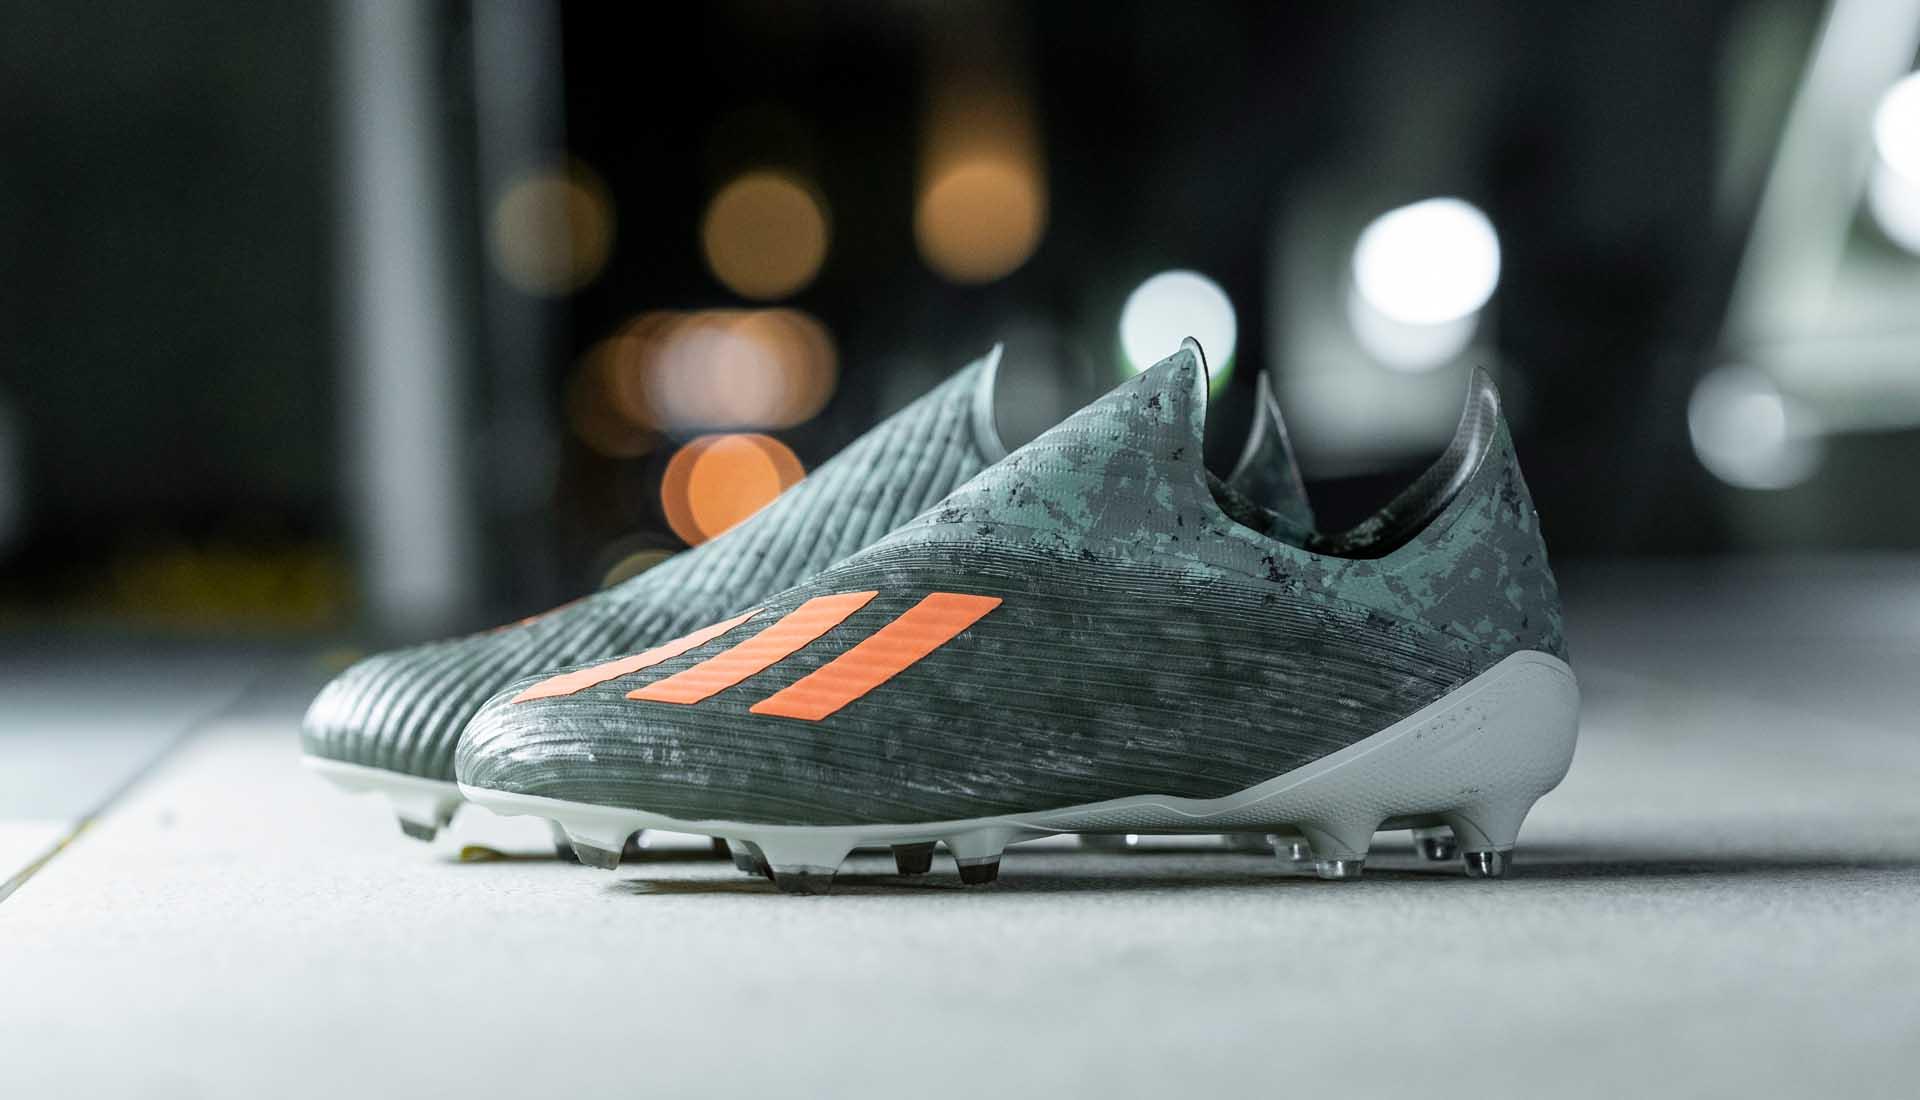 Giày đá bóng chính hãng Adidas X19+ FG Encryption Code pack màu rằn ri camo